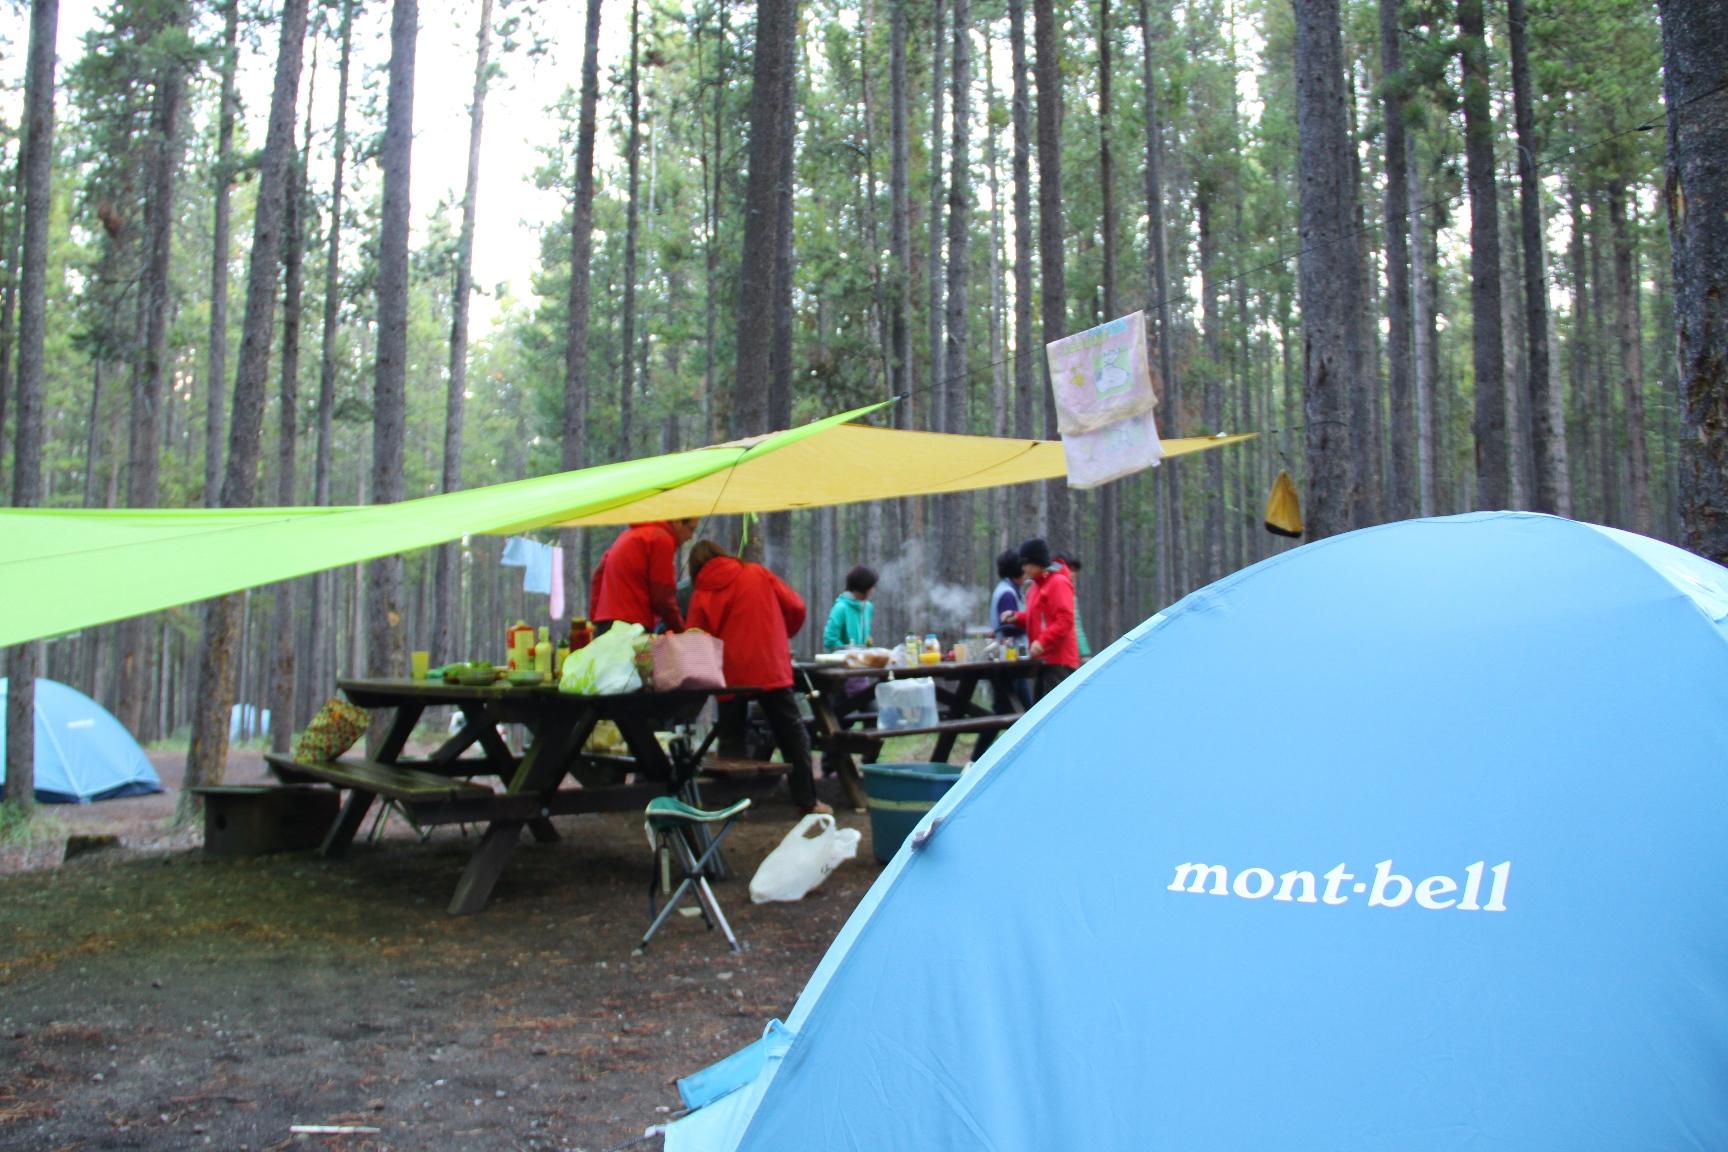 大自然でのキャンプ生活を楽しむ